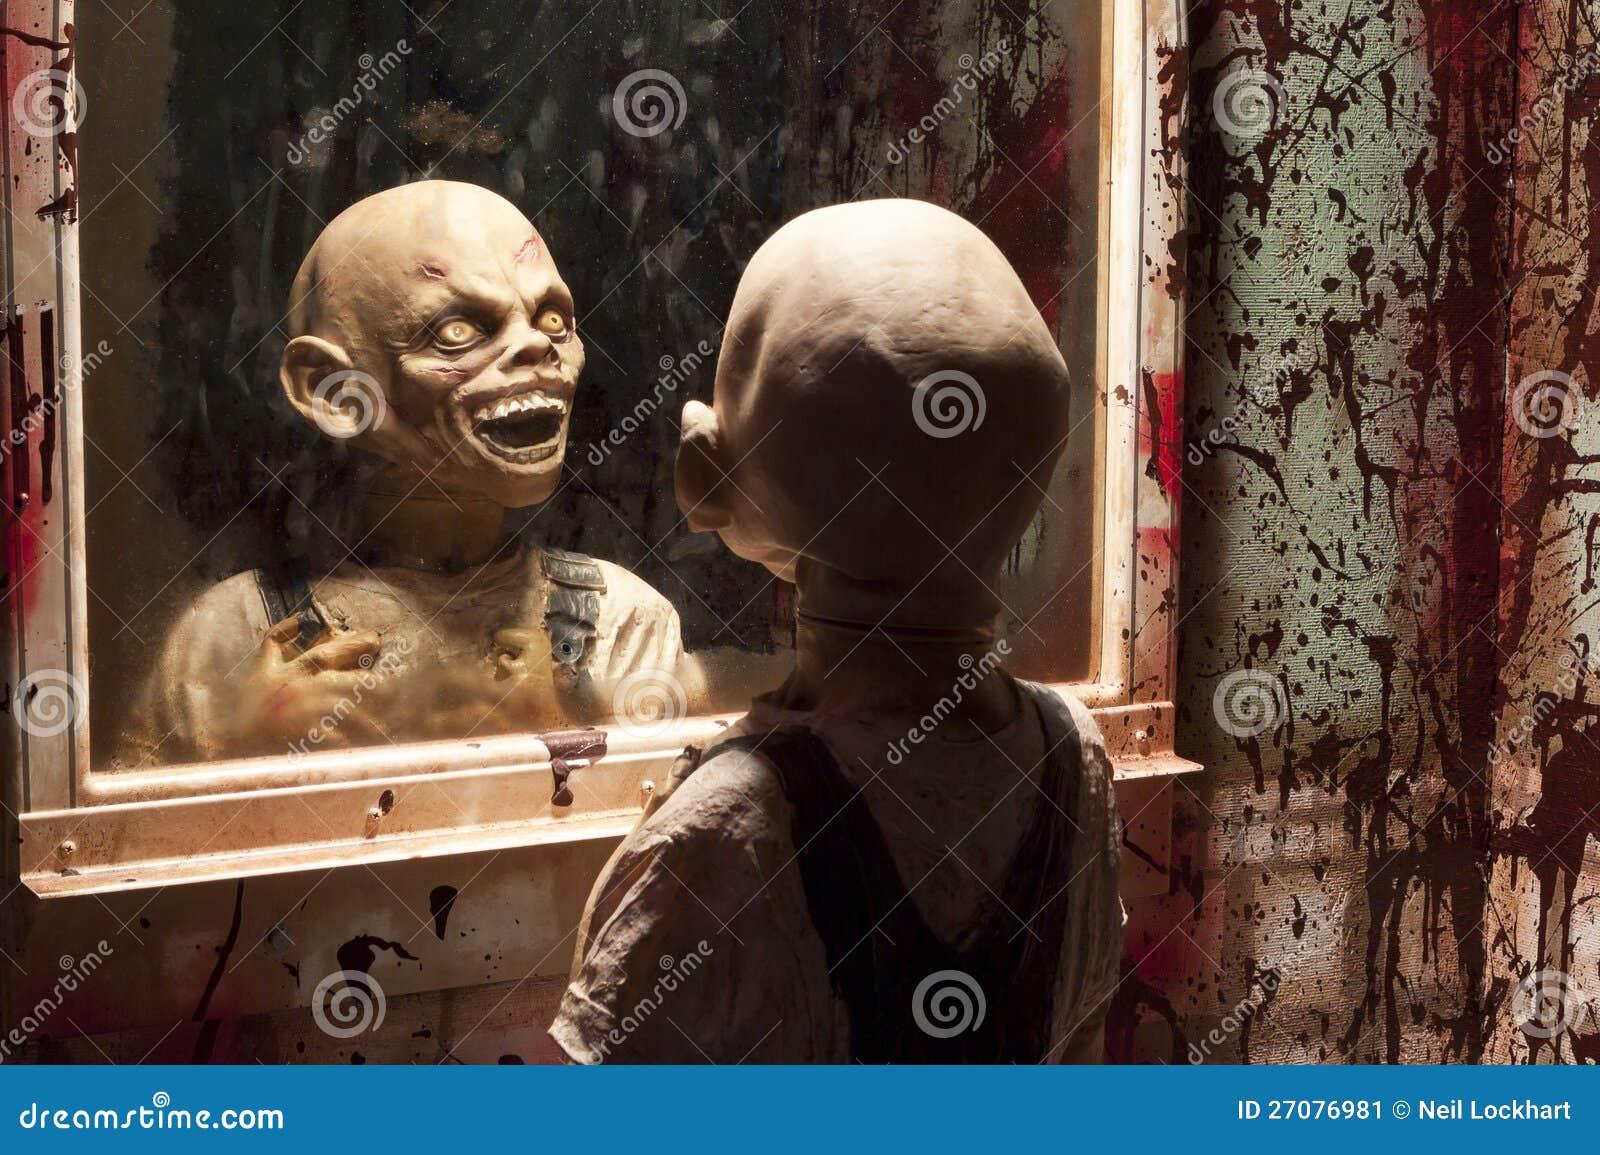 Goblin In Mirror Stock Image Image 27076981